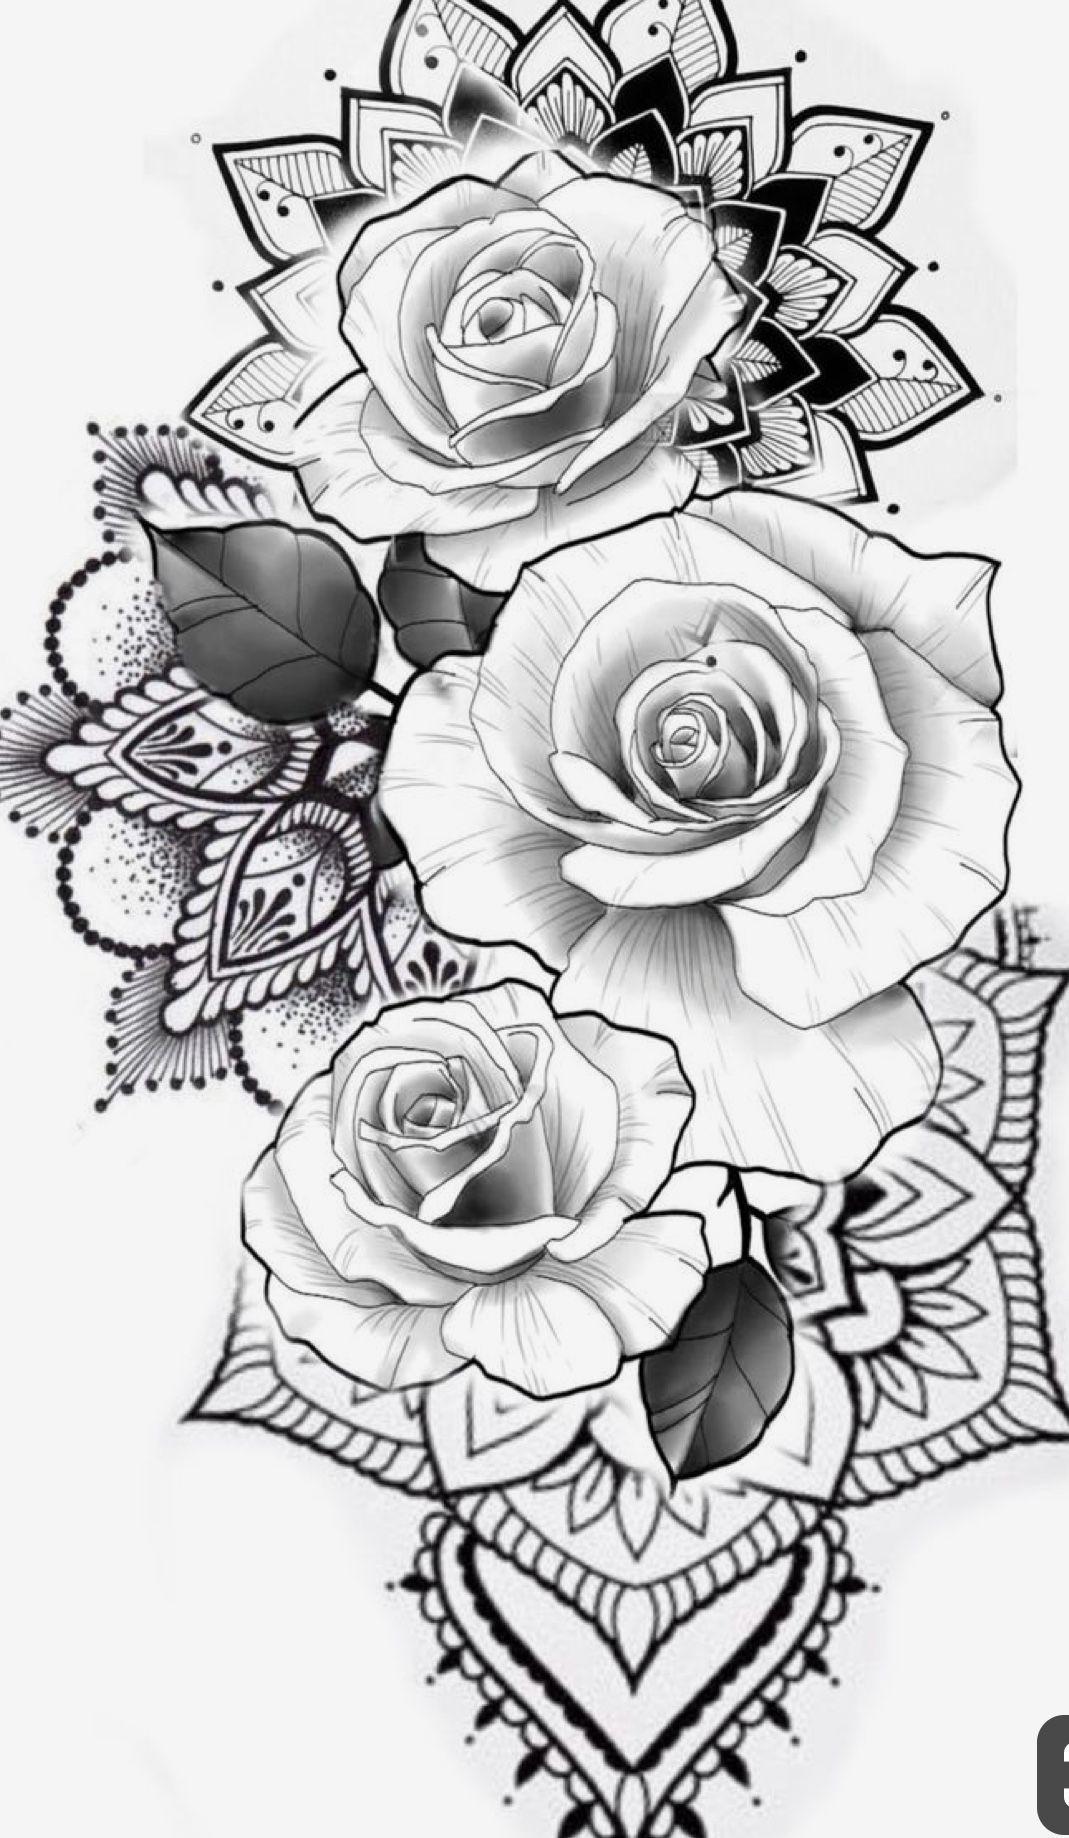 Mandala Flowers -   - #1998tattoo #candletattoo #daffodiltattoo #Flowers #maketattoo #Mandala #memorabletattoos #misunderstoodtattoo #smalltattoo #tattooblackwork #tattoostattoo